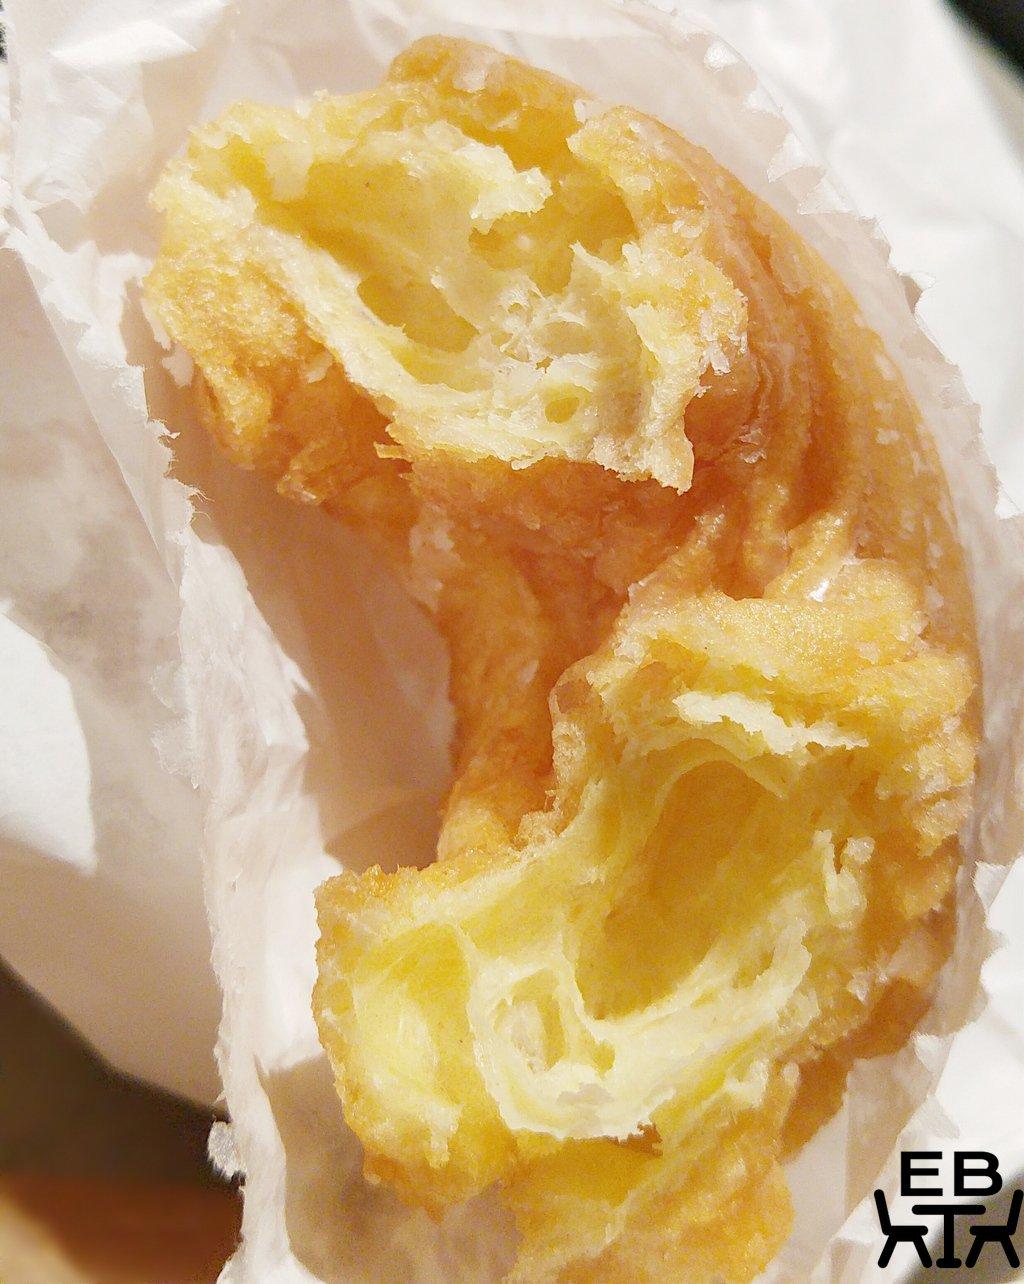 Balzer backerei doughnut